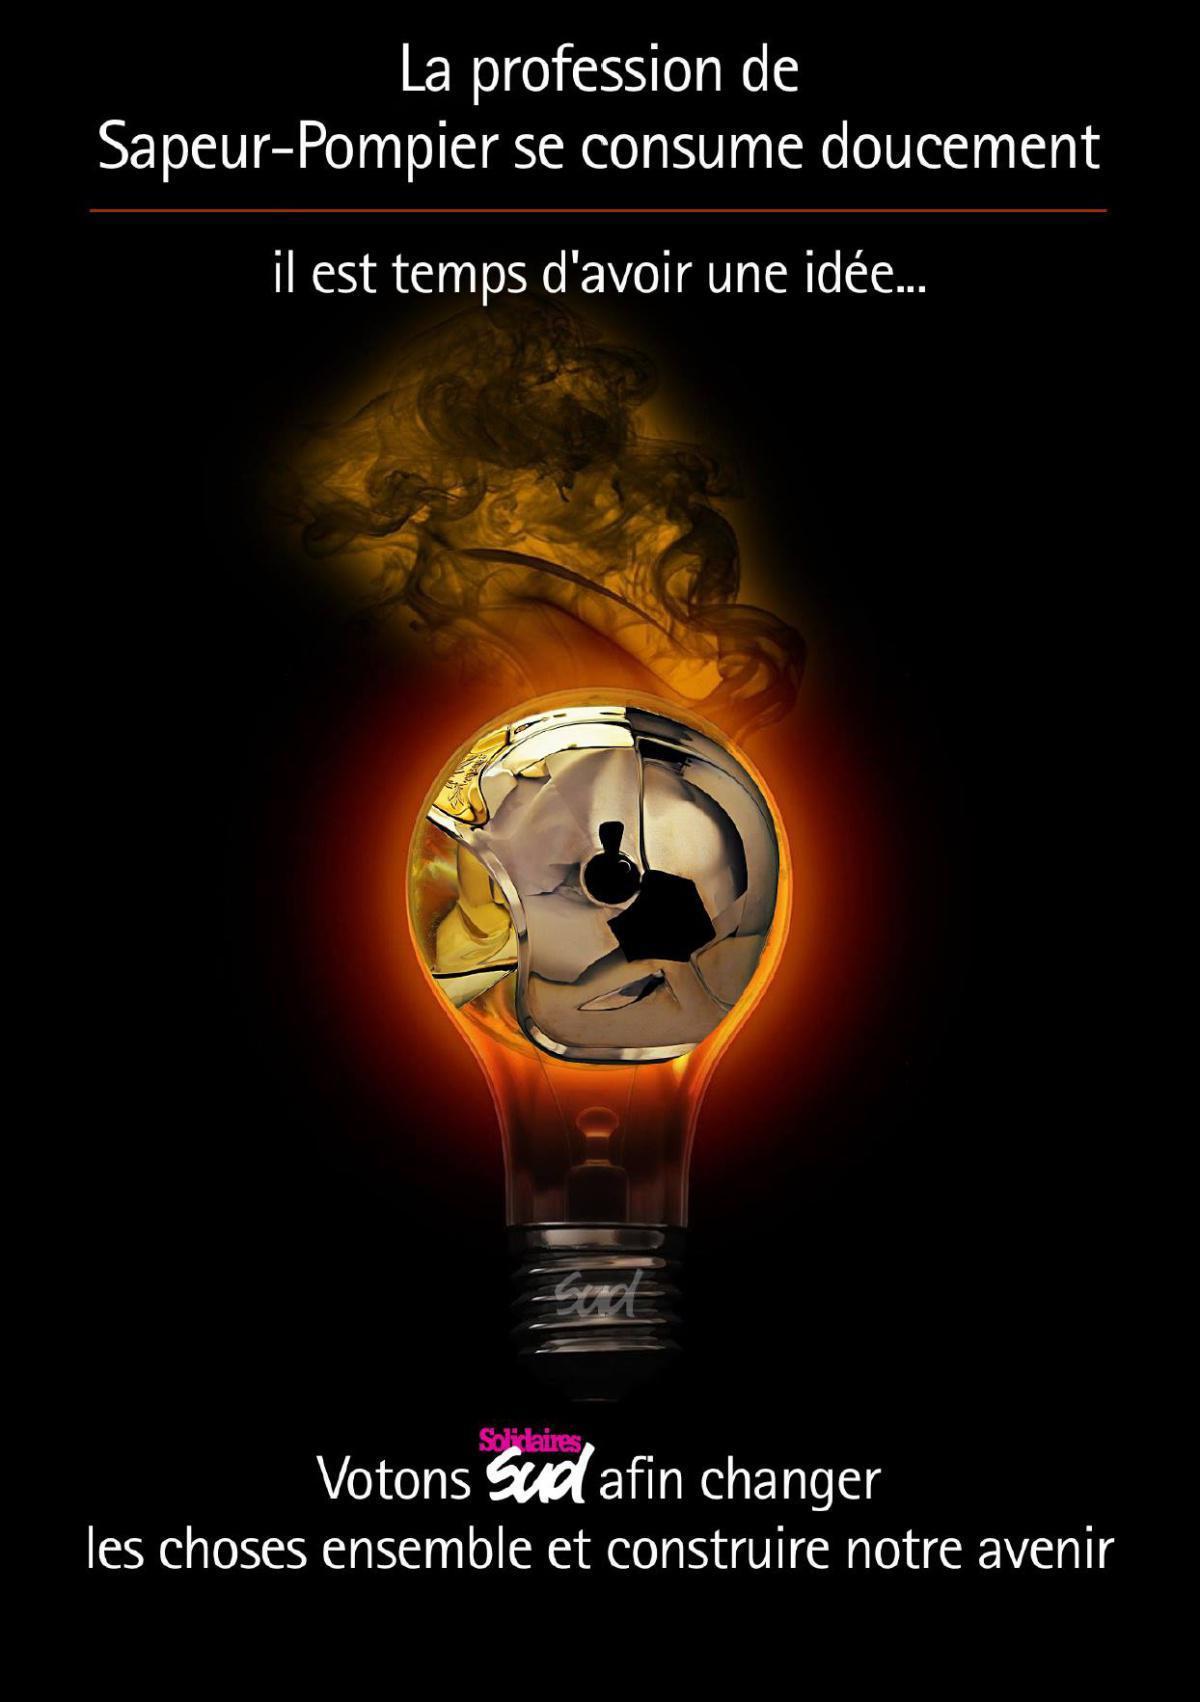 Elections CATSIS 2020 au SDIS de la Drôme du 13 au 20 octobre 2020